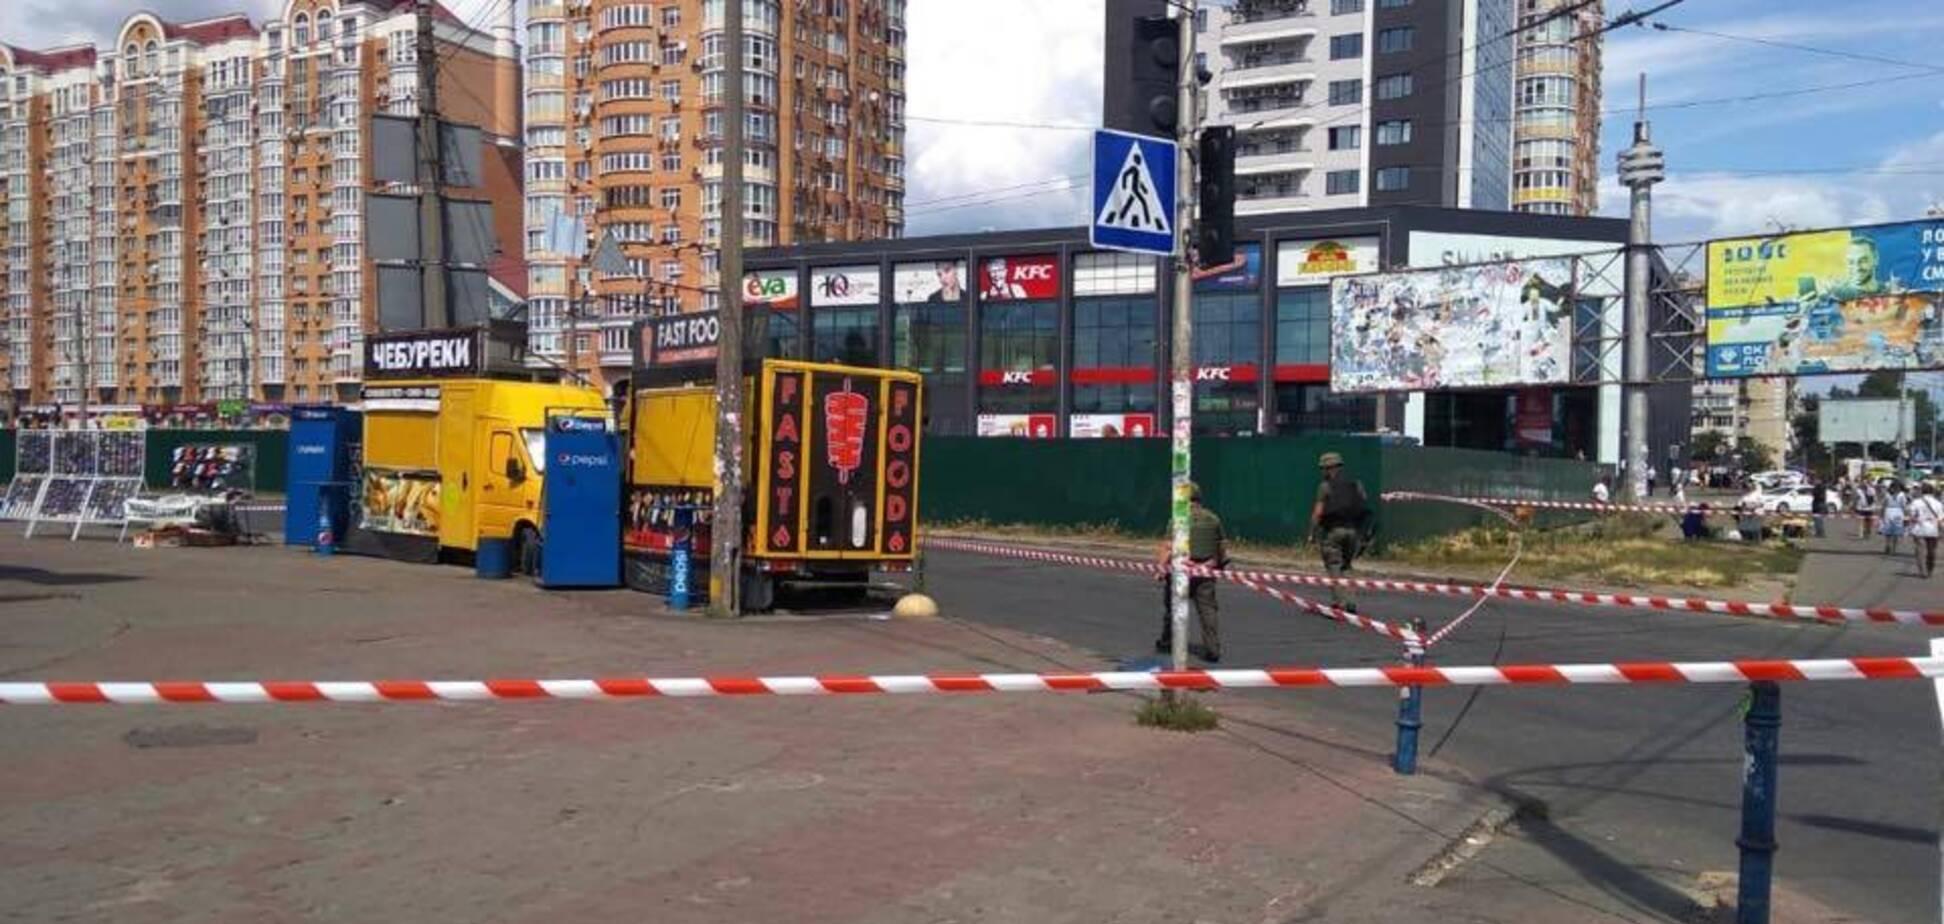 Мінування біля станції метро 'Мінська' у Києві